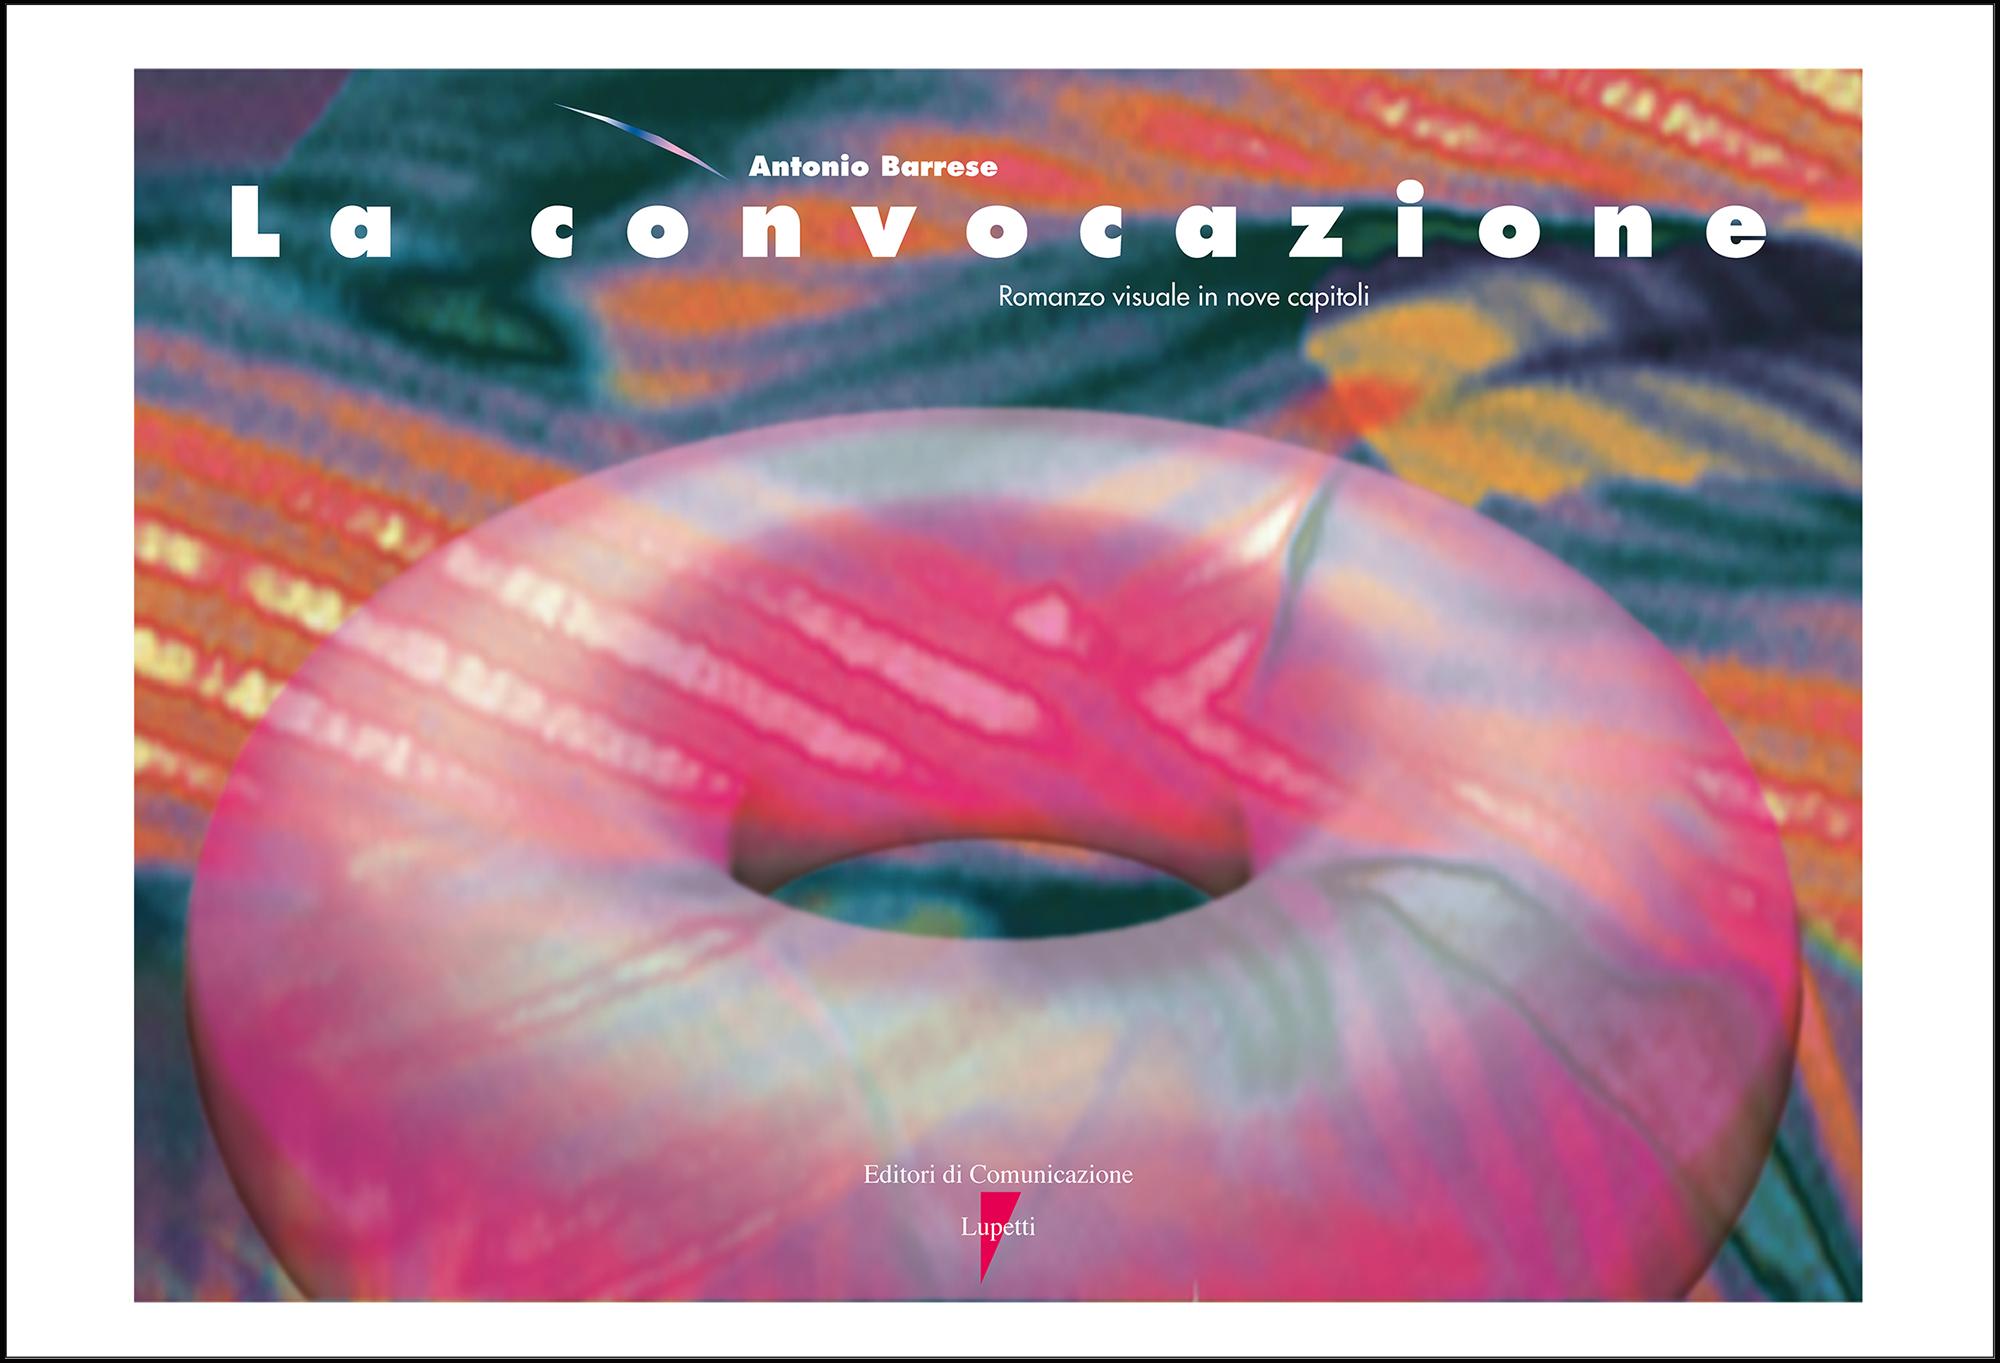 Antonio Barrese: La convocazione, 1998 - Romanzo visuale in nove capitoli - Lupetti editore, Milano - 120 pagine